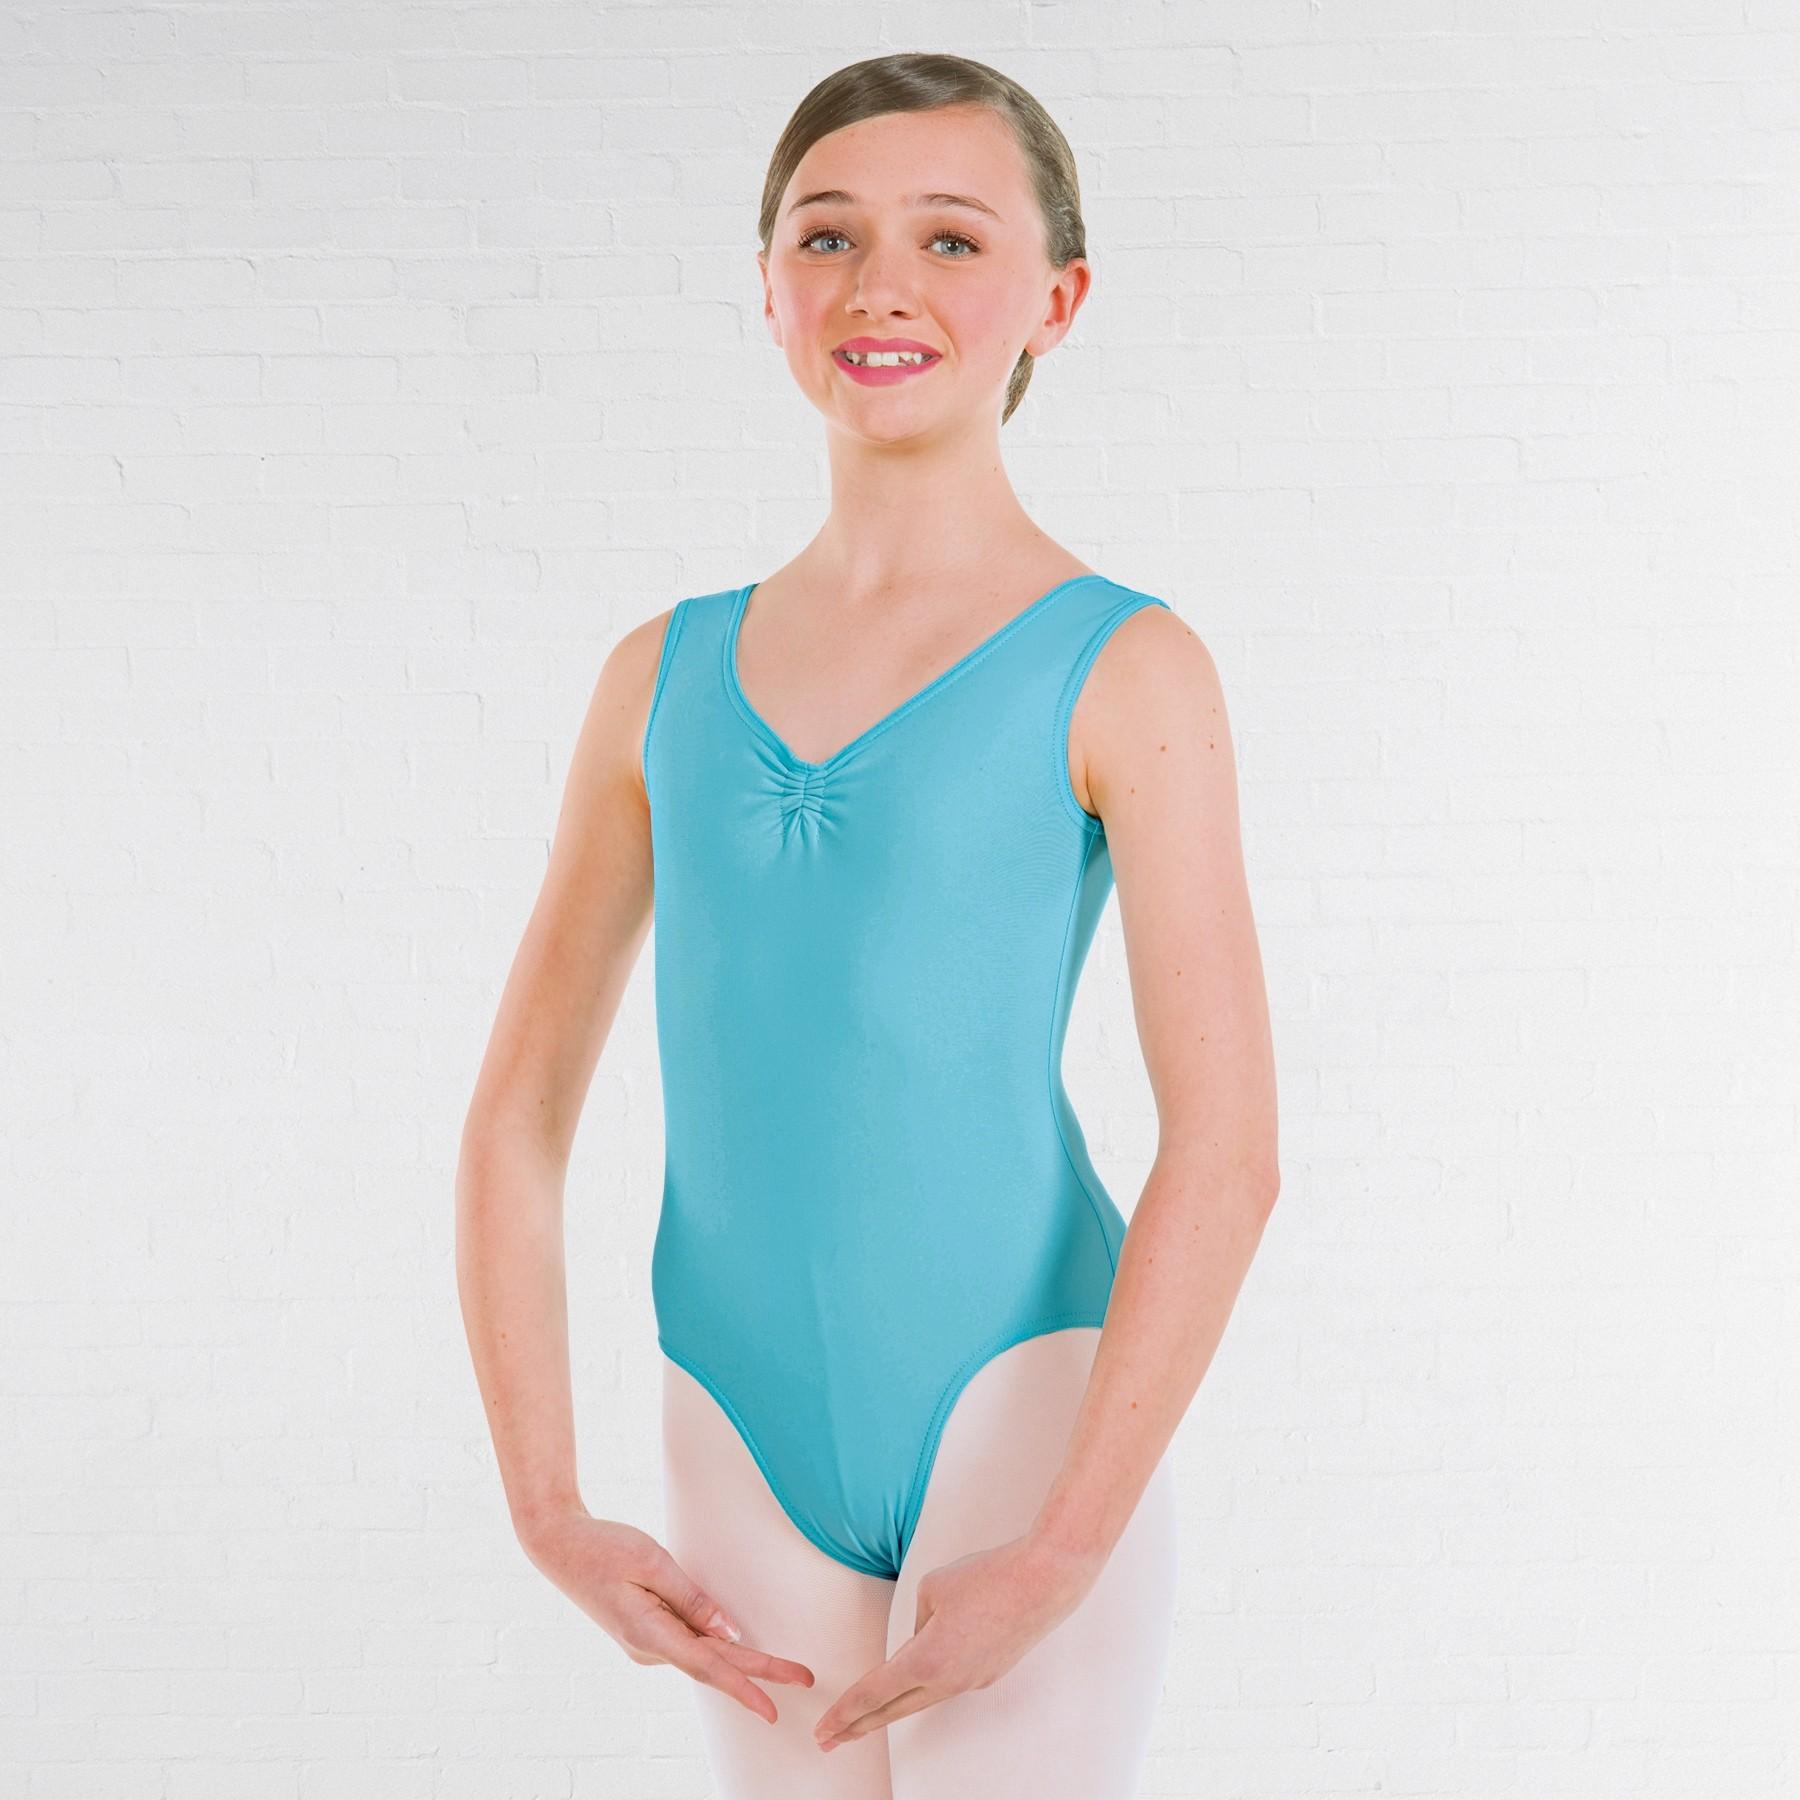 ISTD Ballett-Trikot mit Raffung an der Vorderseite (Klasse 1-4) (Aqua)